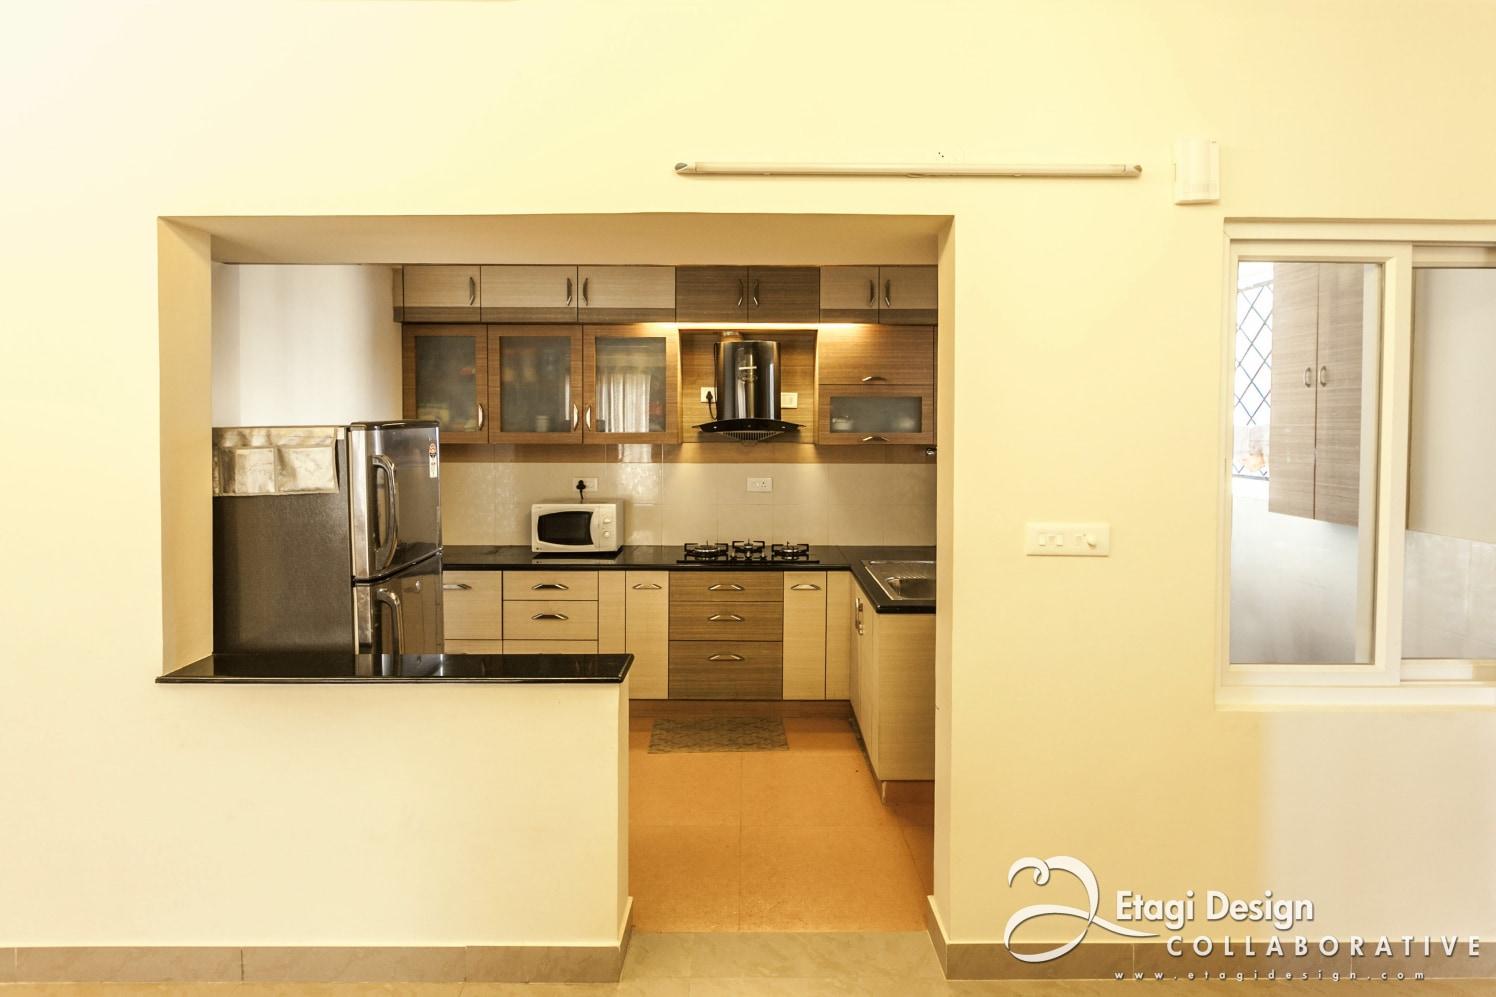 Kitchen With Cream Shade Walls by Prashanth Nandiprasad Modular-kitchen Modern | Interior Design Photos & Ideas